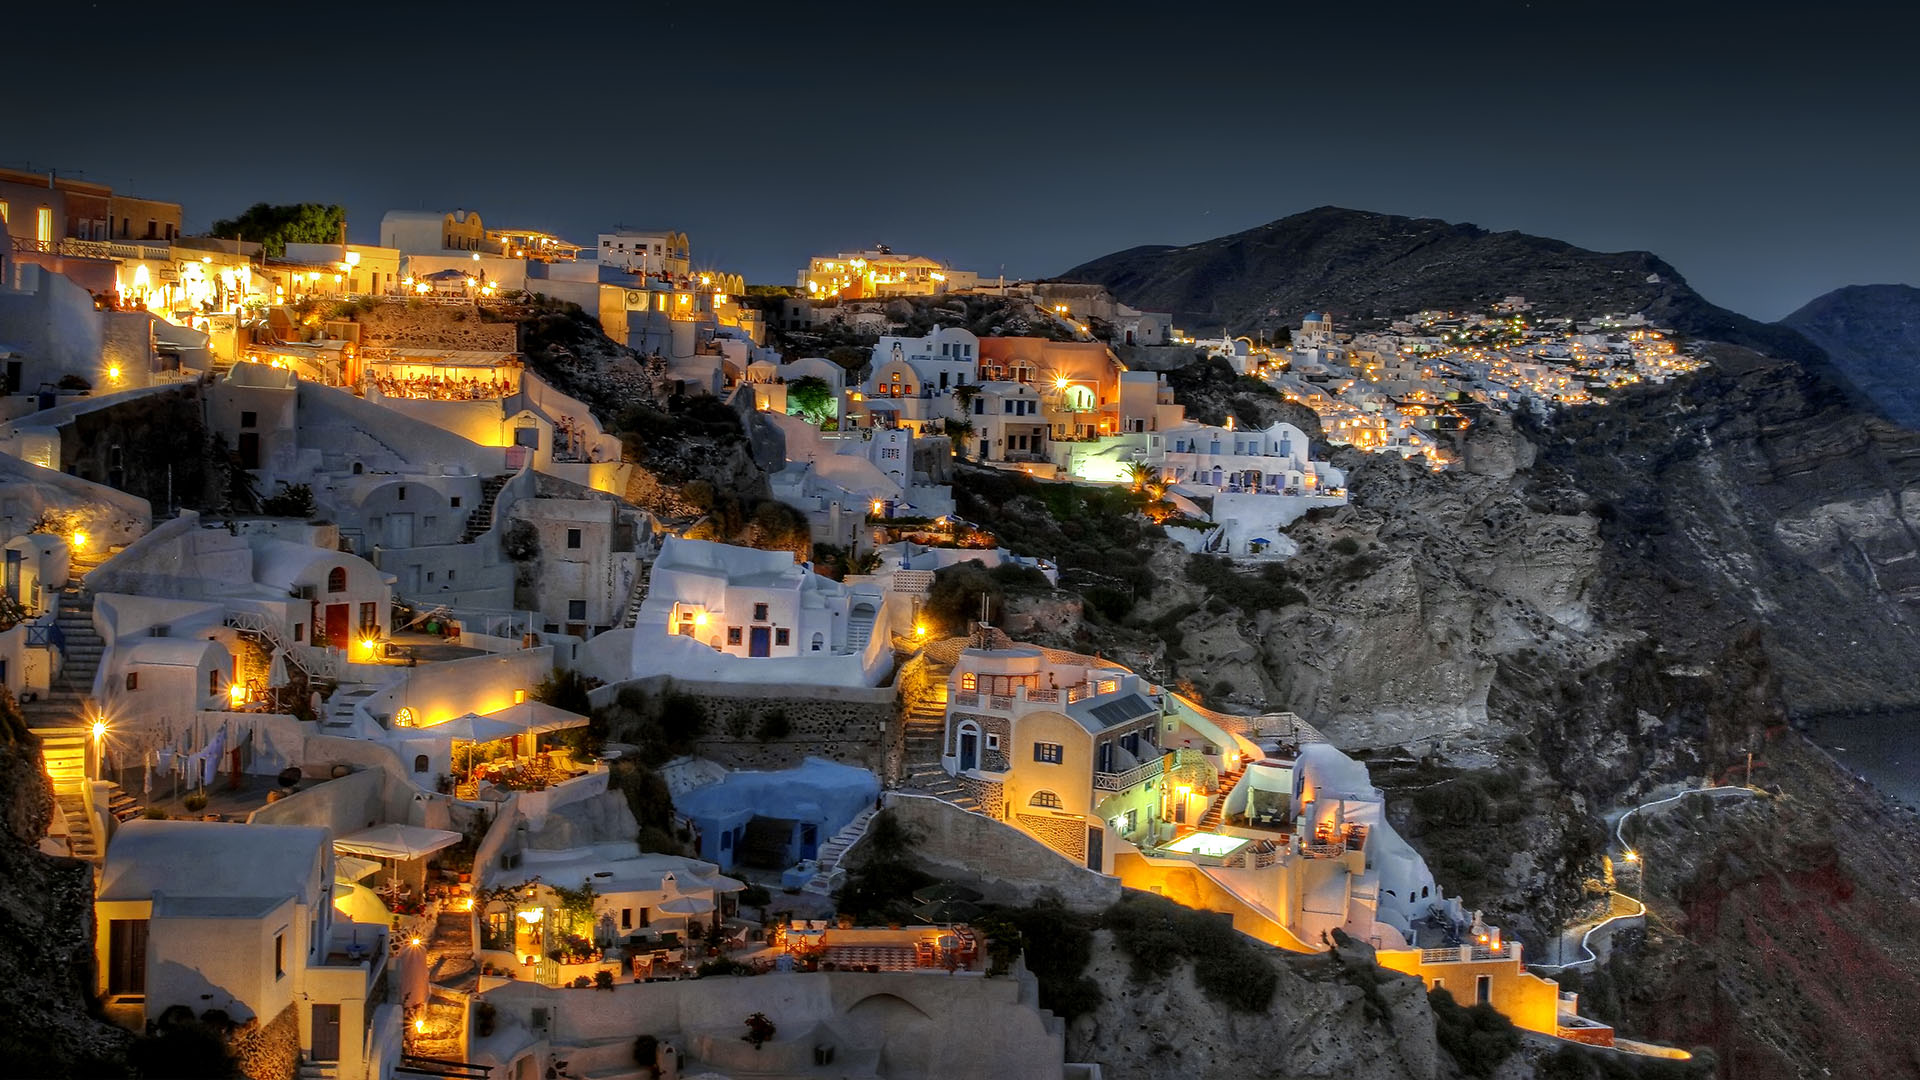 Grecia in inverno: cosa vedere